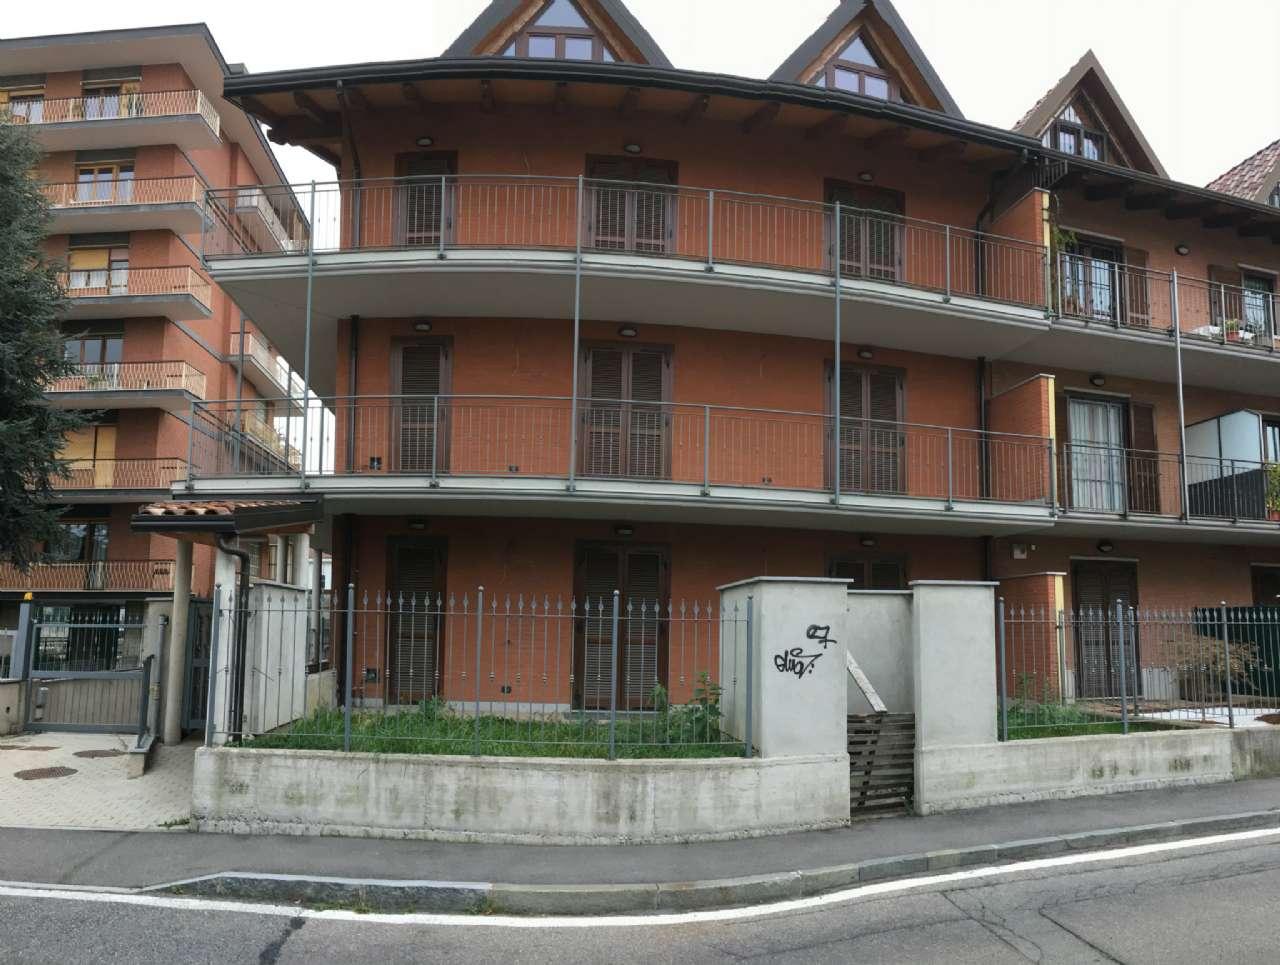 Appartamento in vendita a Collegno, 4 locali, zona Località: ReginaMargherita, prezzo € 344.000   CambioCasa.it